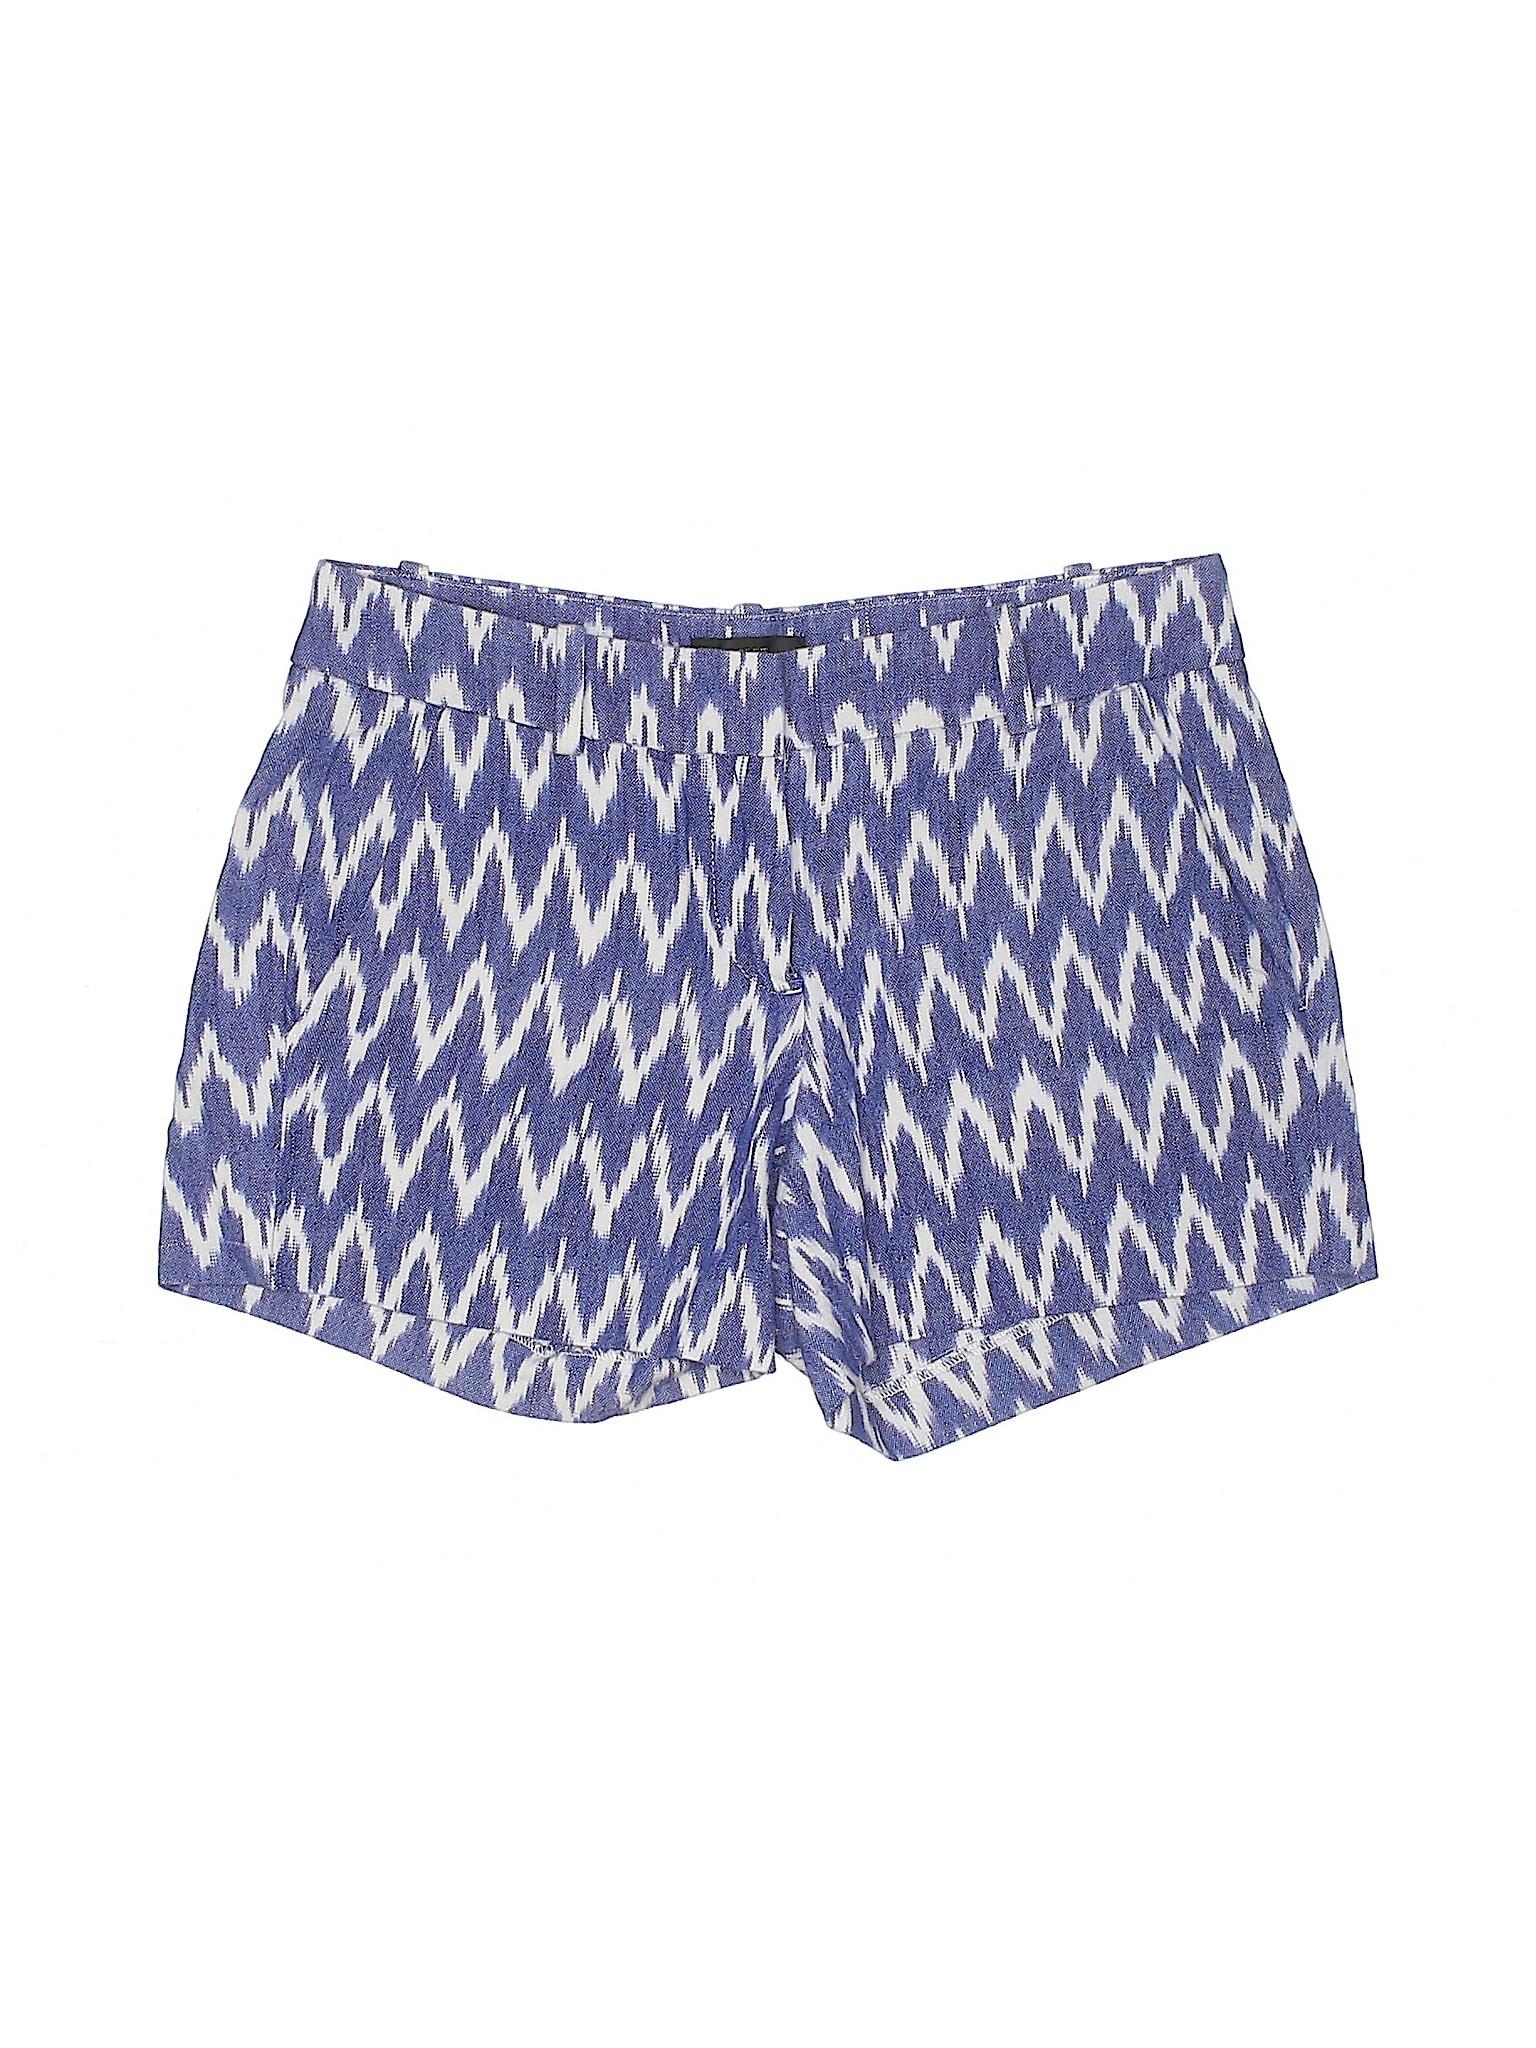 Crew Khaki Boutique Boutique J Shorts J nPCx0ft